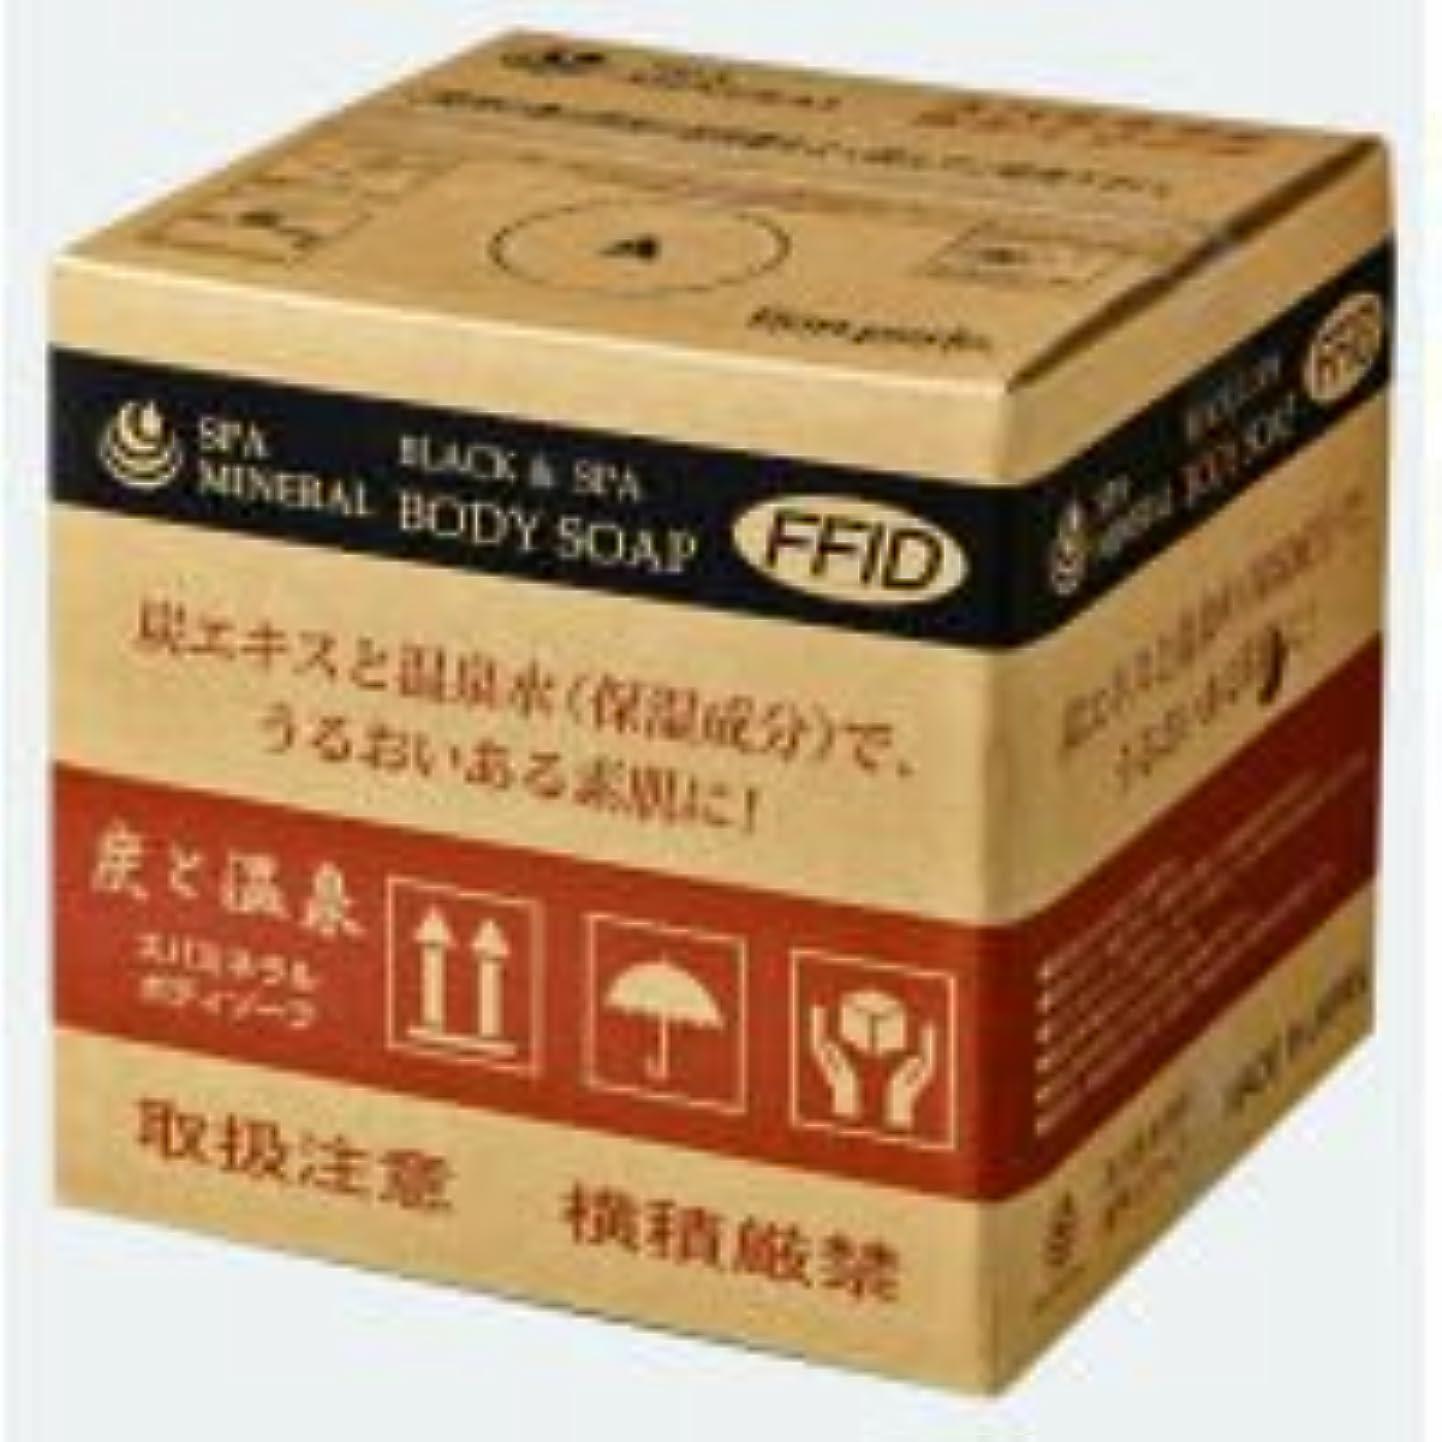 粘着性押すレンダースパミネラル 炭ボディソープ 20kg 詰替用